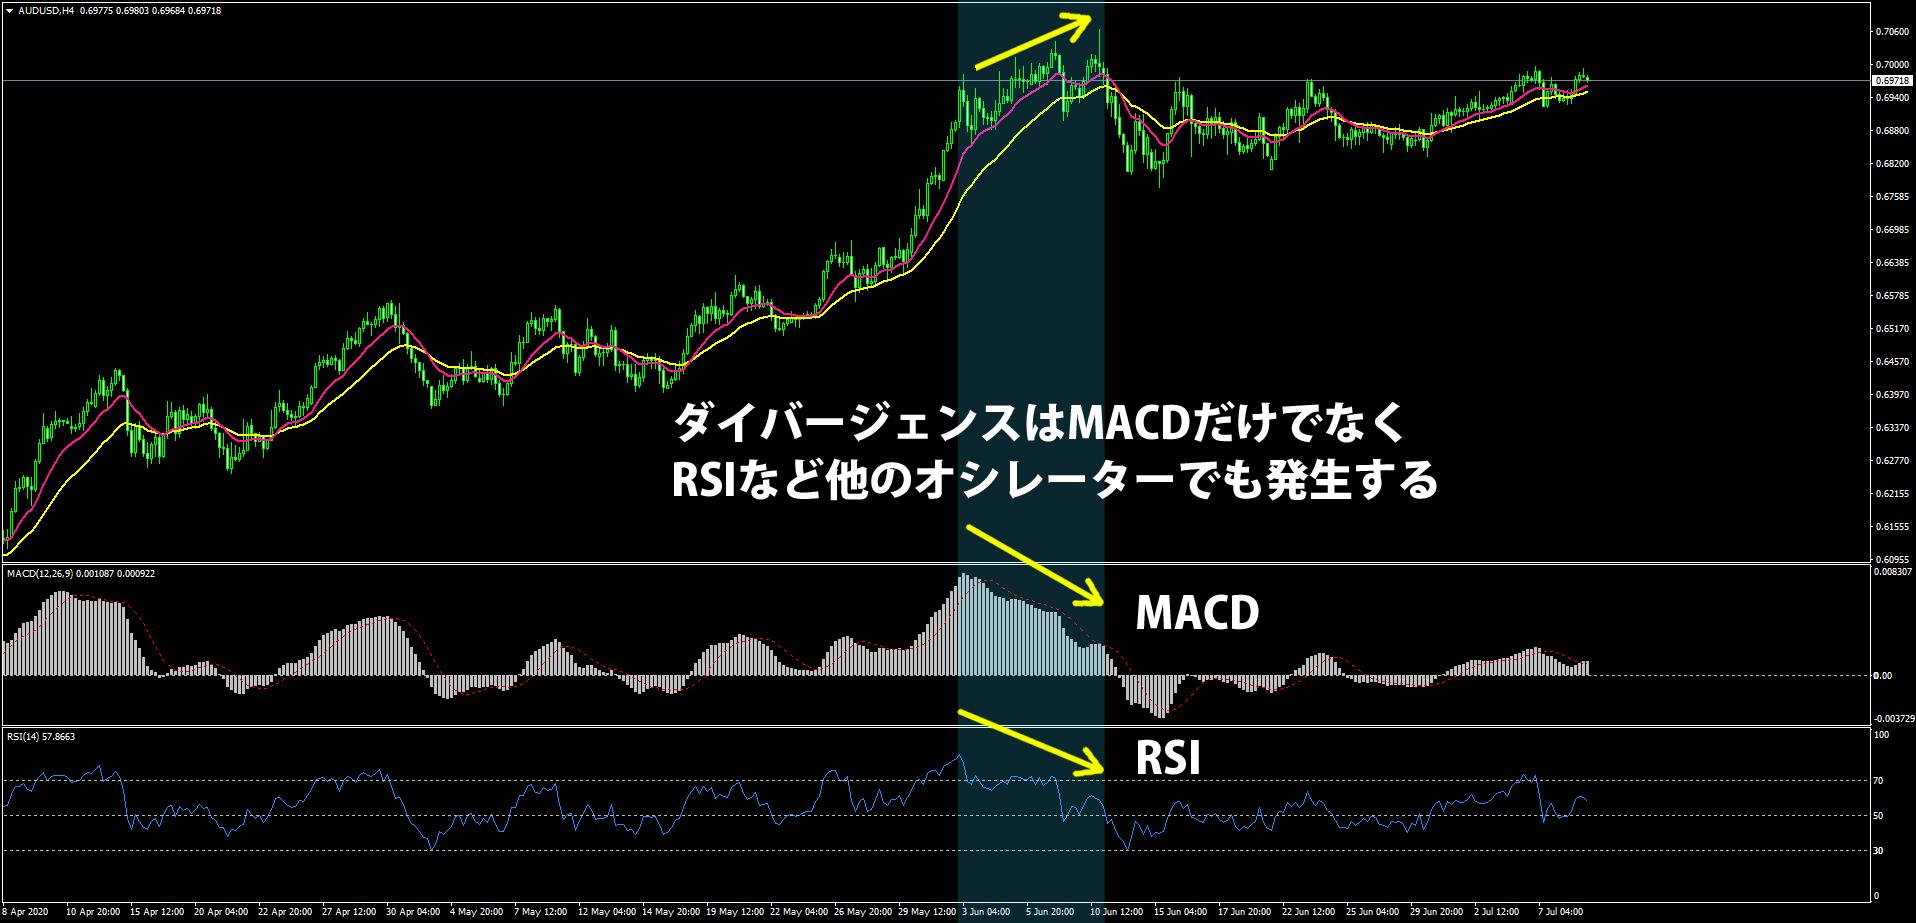 MACDとRSIのダイバージェンス事例